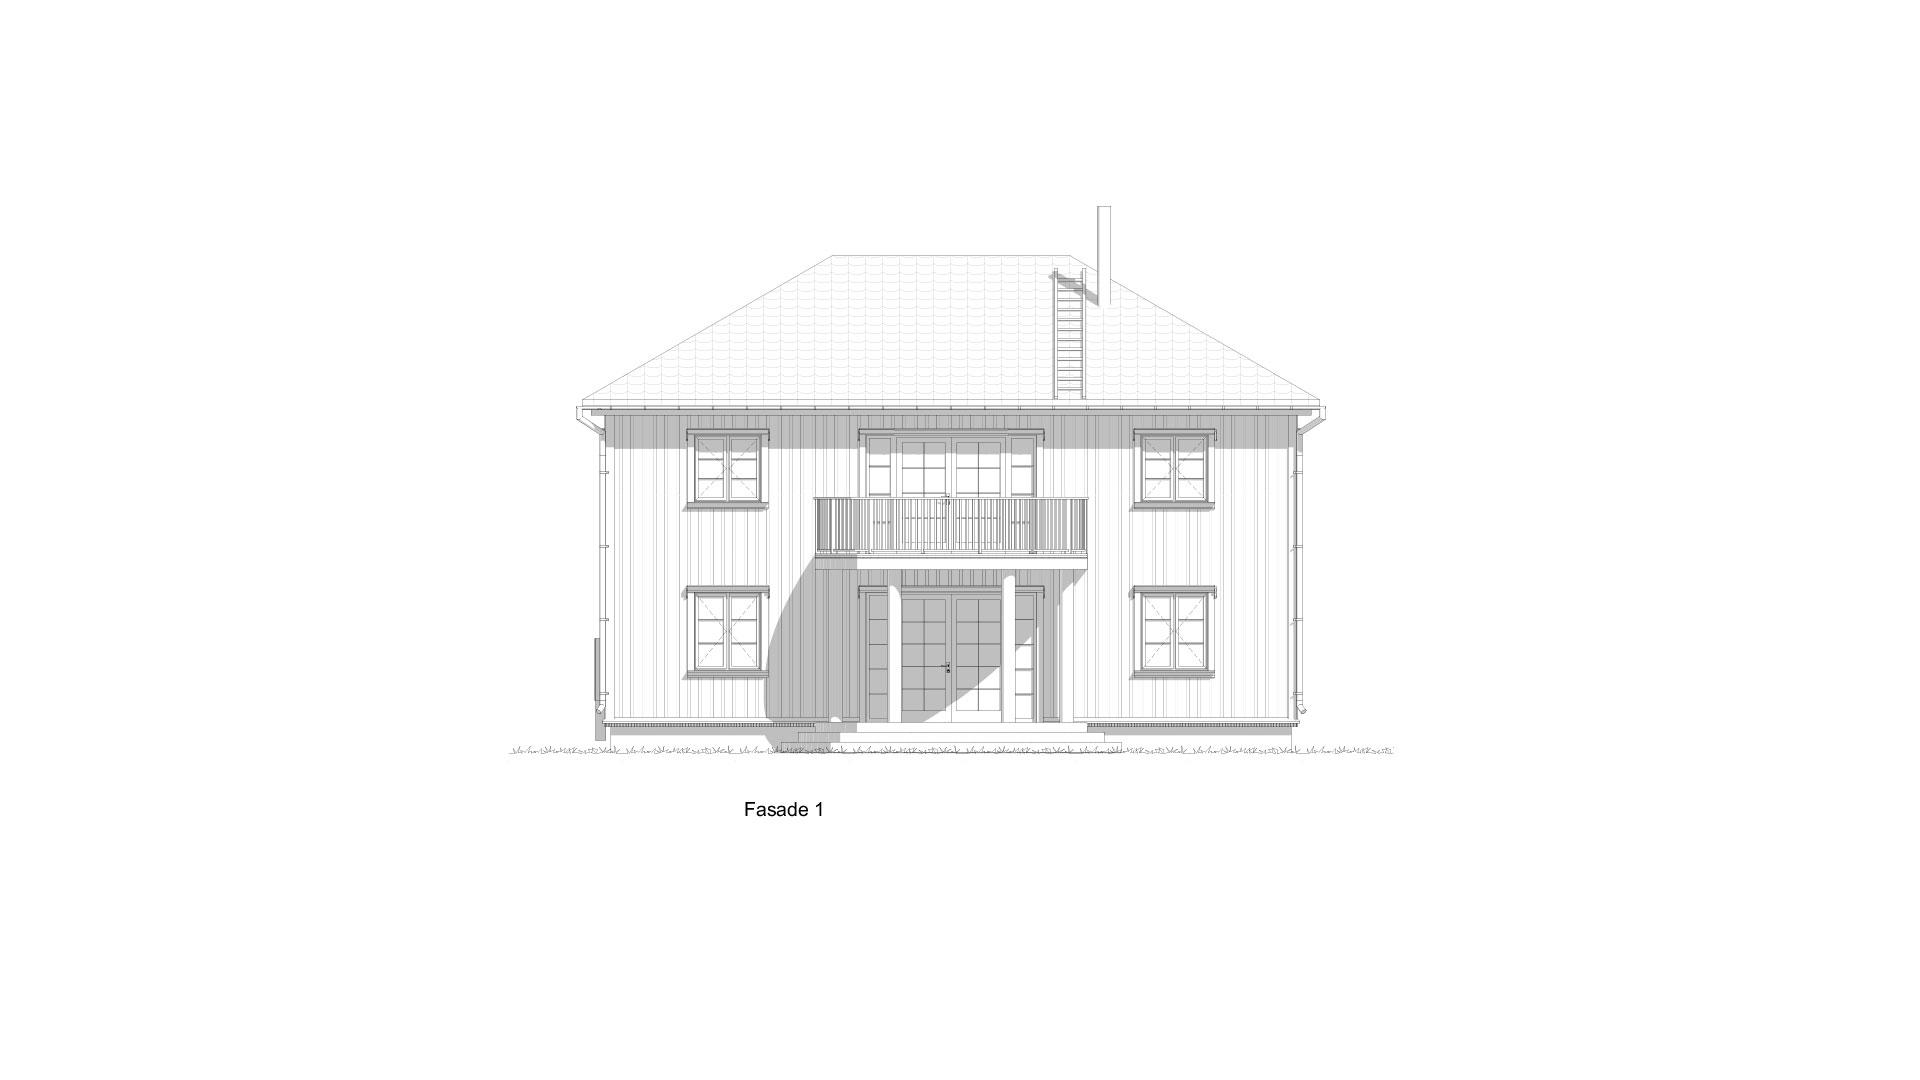 Arv17_fasade1.jpg